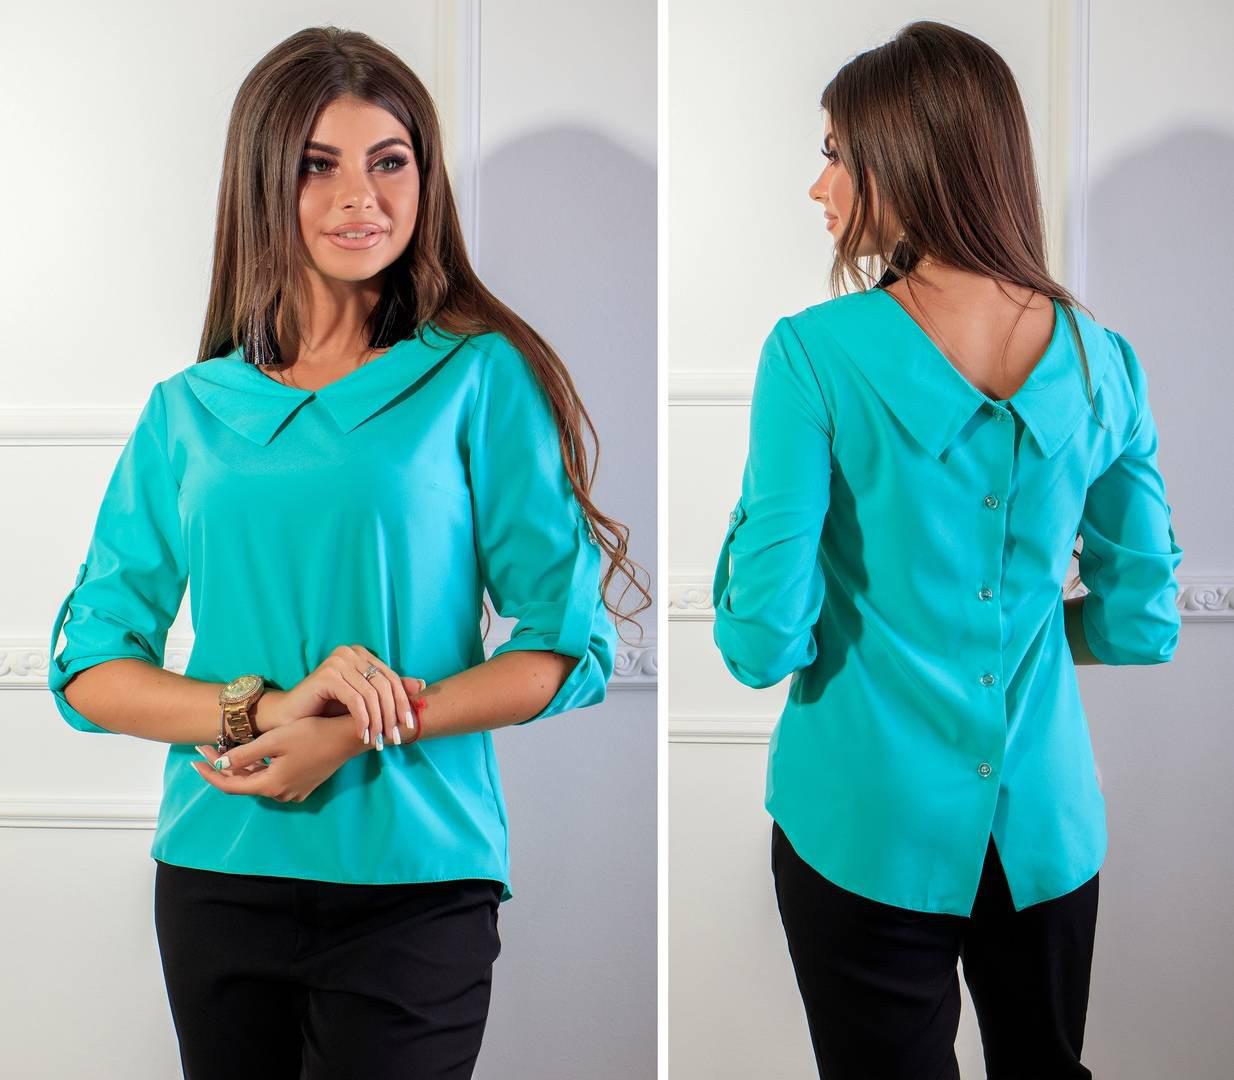 Блуза жіноча з гудзиками на спині, модель 116, колір - бірюза